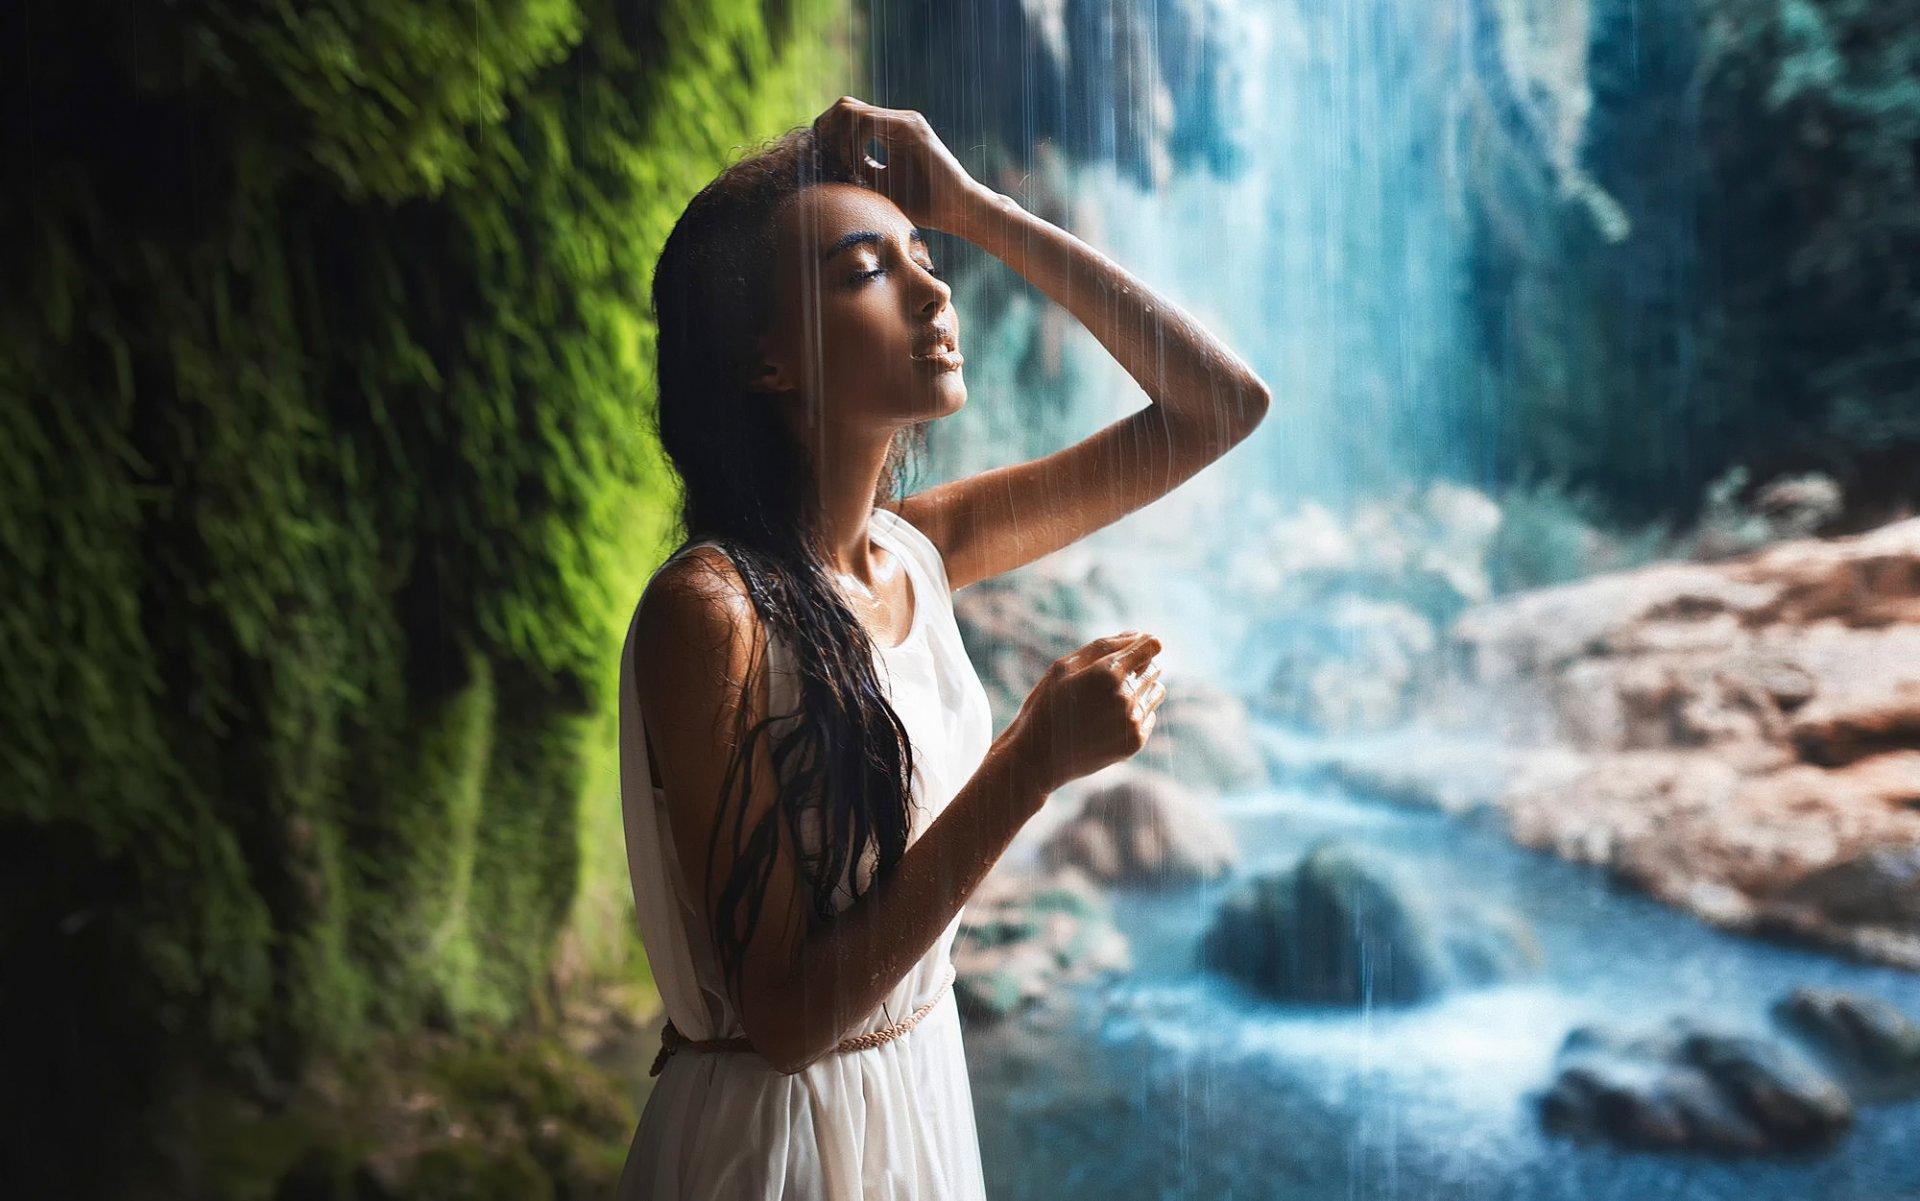 Девушка у водопада фото